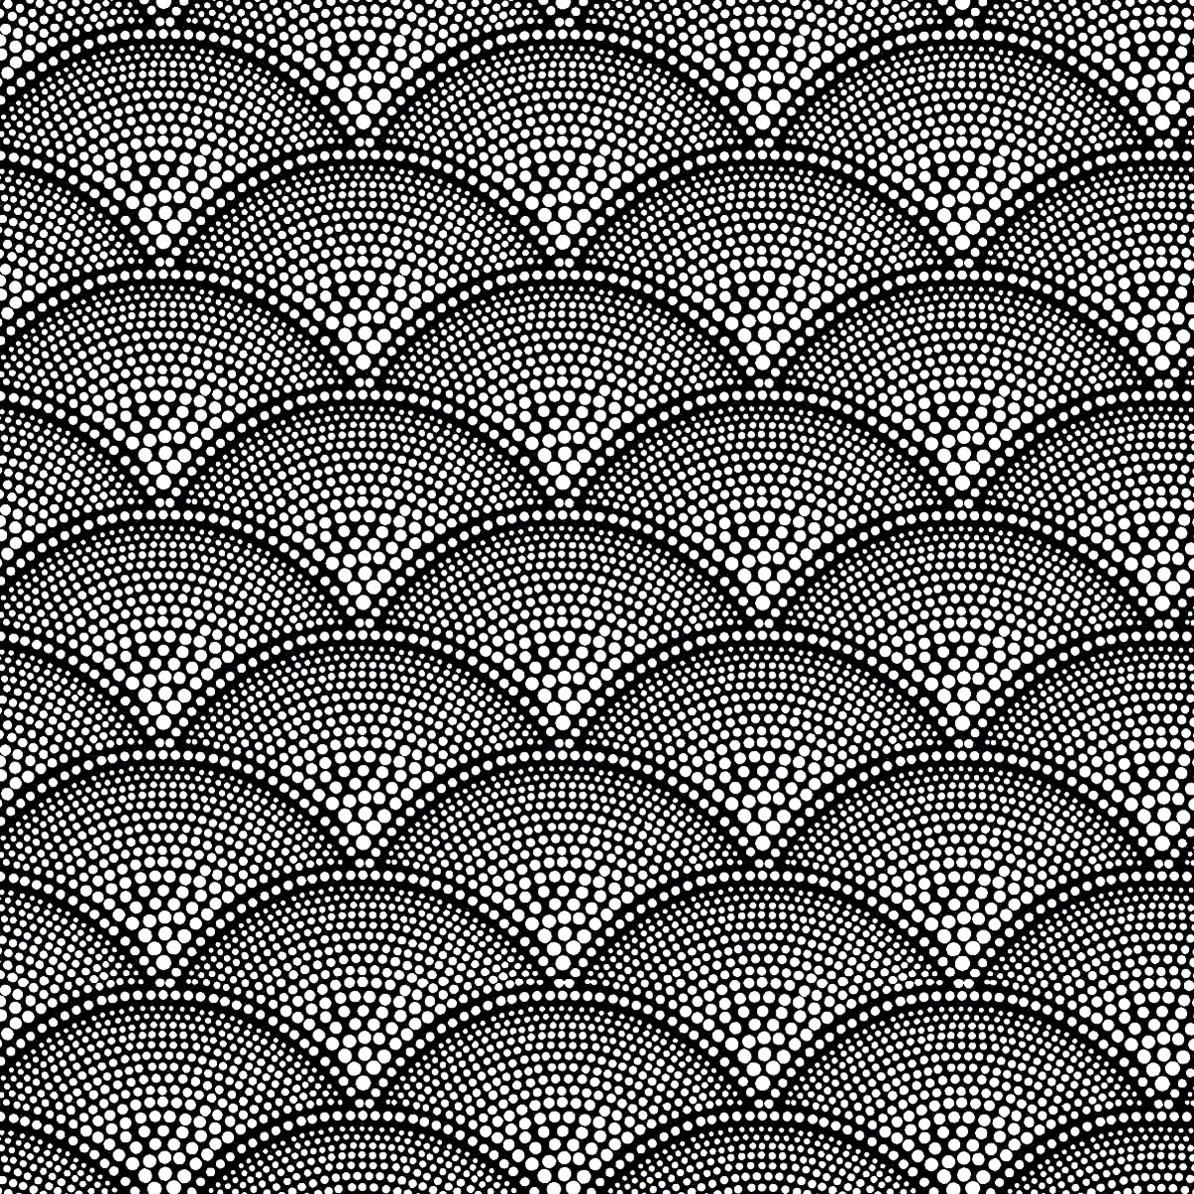 Un papier peint ancien mis en noir & blanc et négatif : plein de petites zones circulaires à colorier ! Attention patience requise !